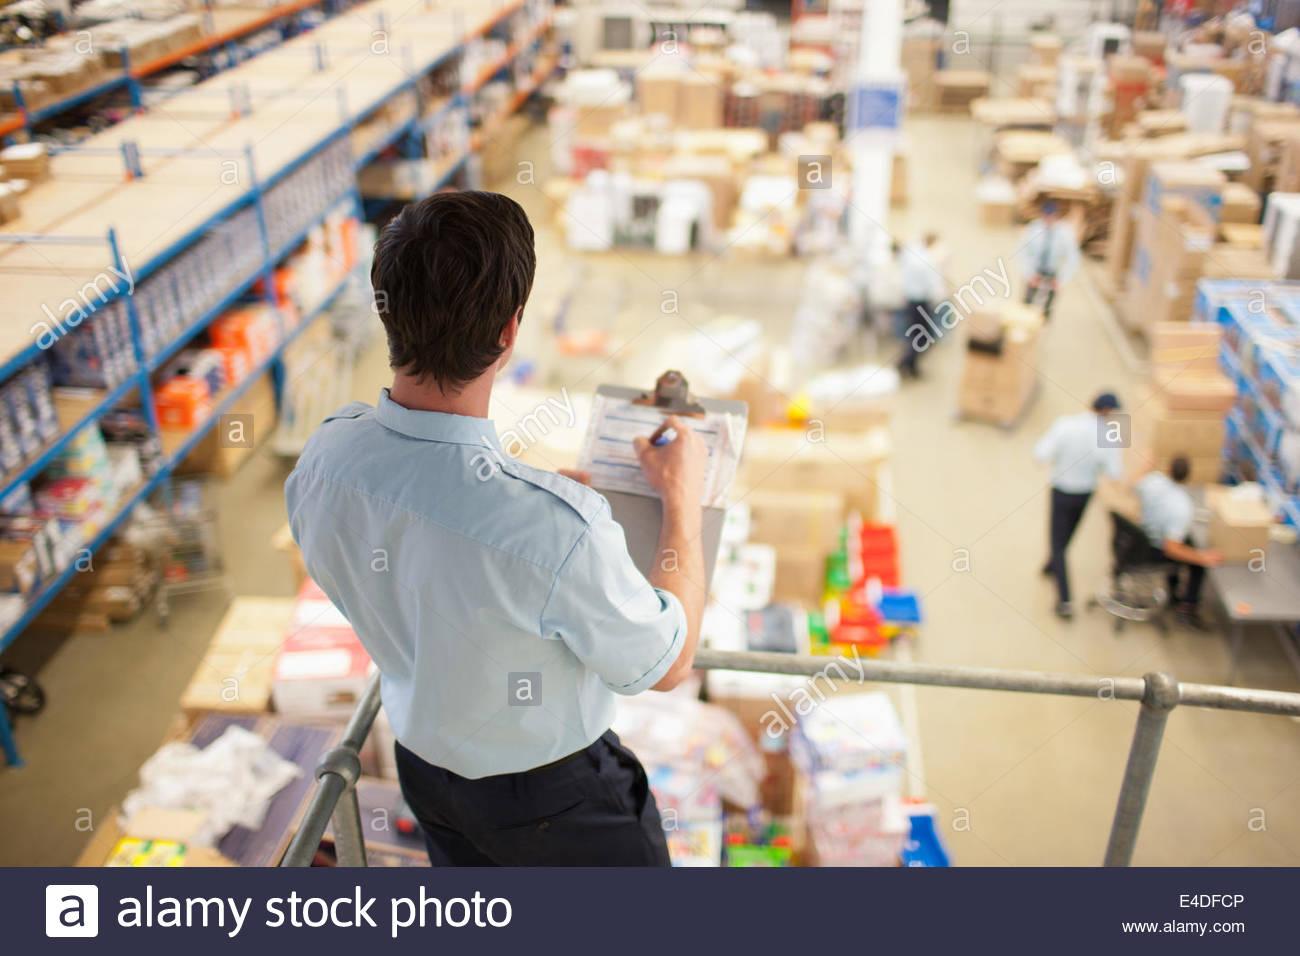 Supervisor  monitoring shipping work - Stock Image